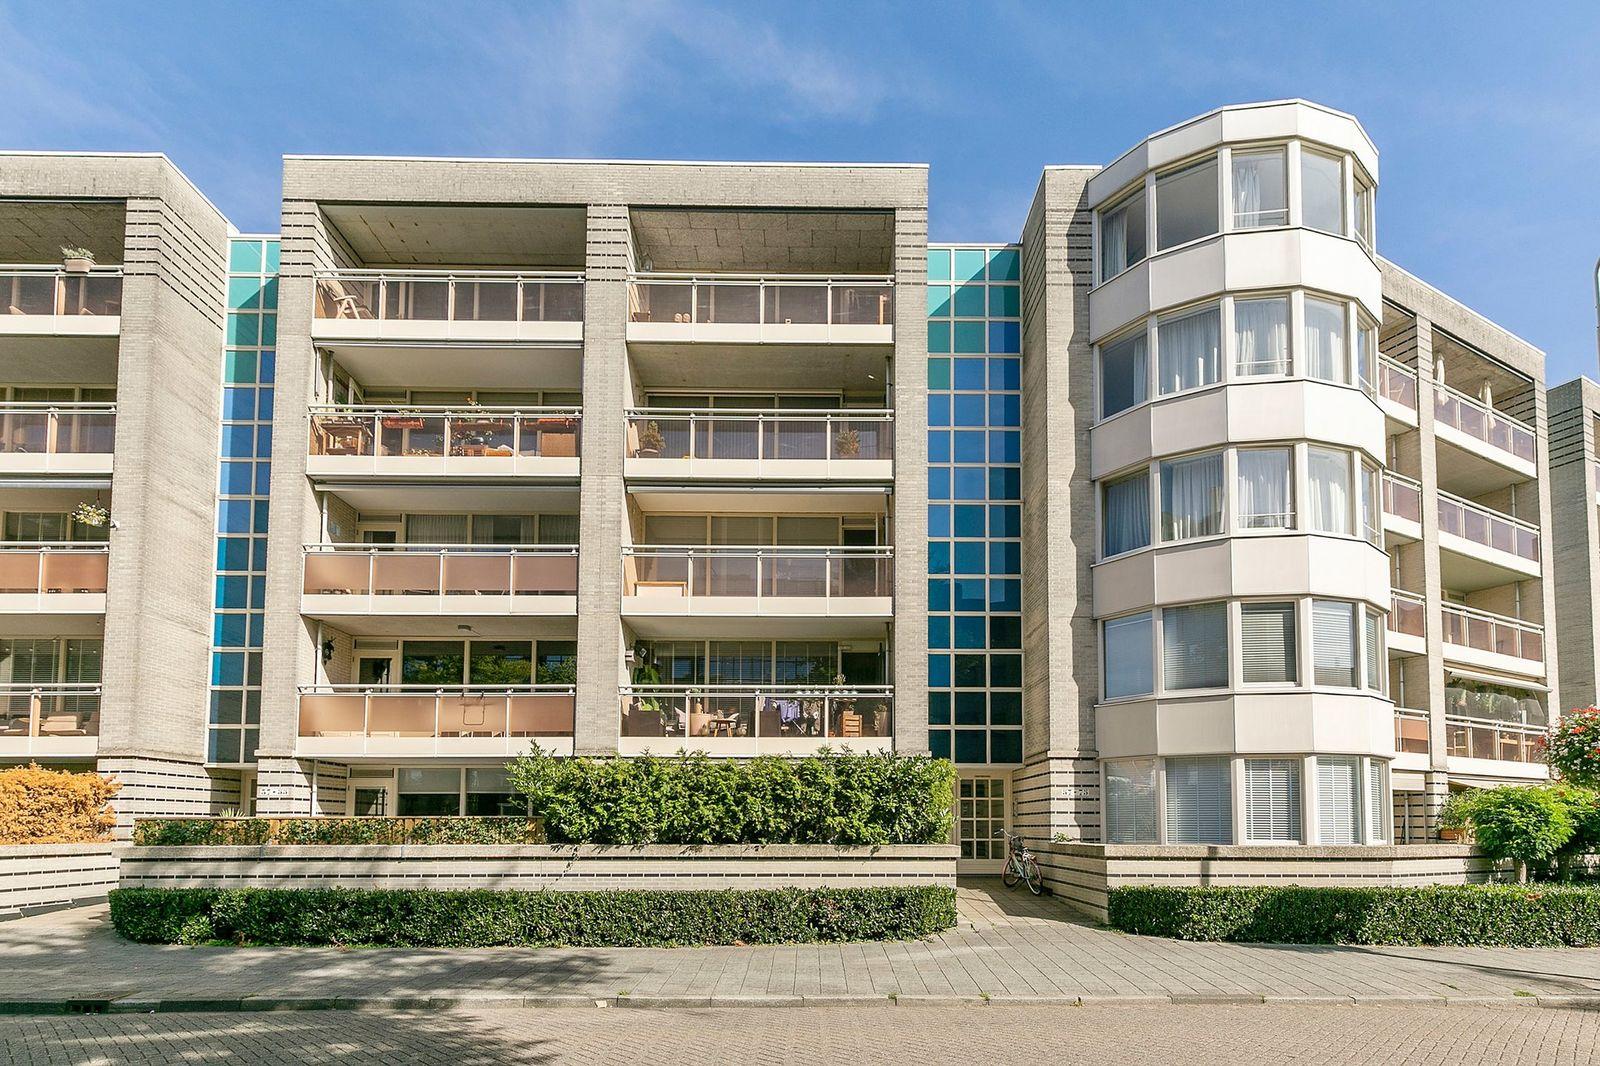 Paradijslaan 73, Eindhoven